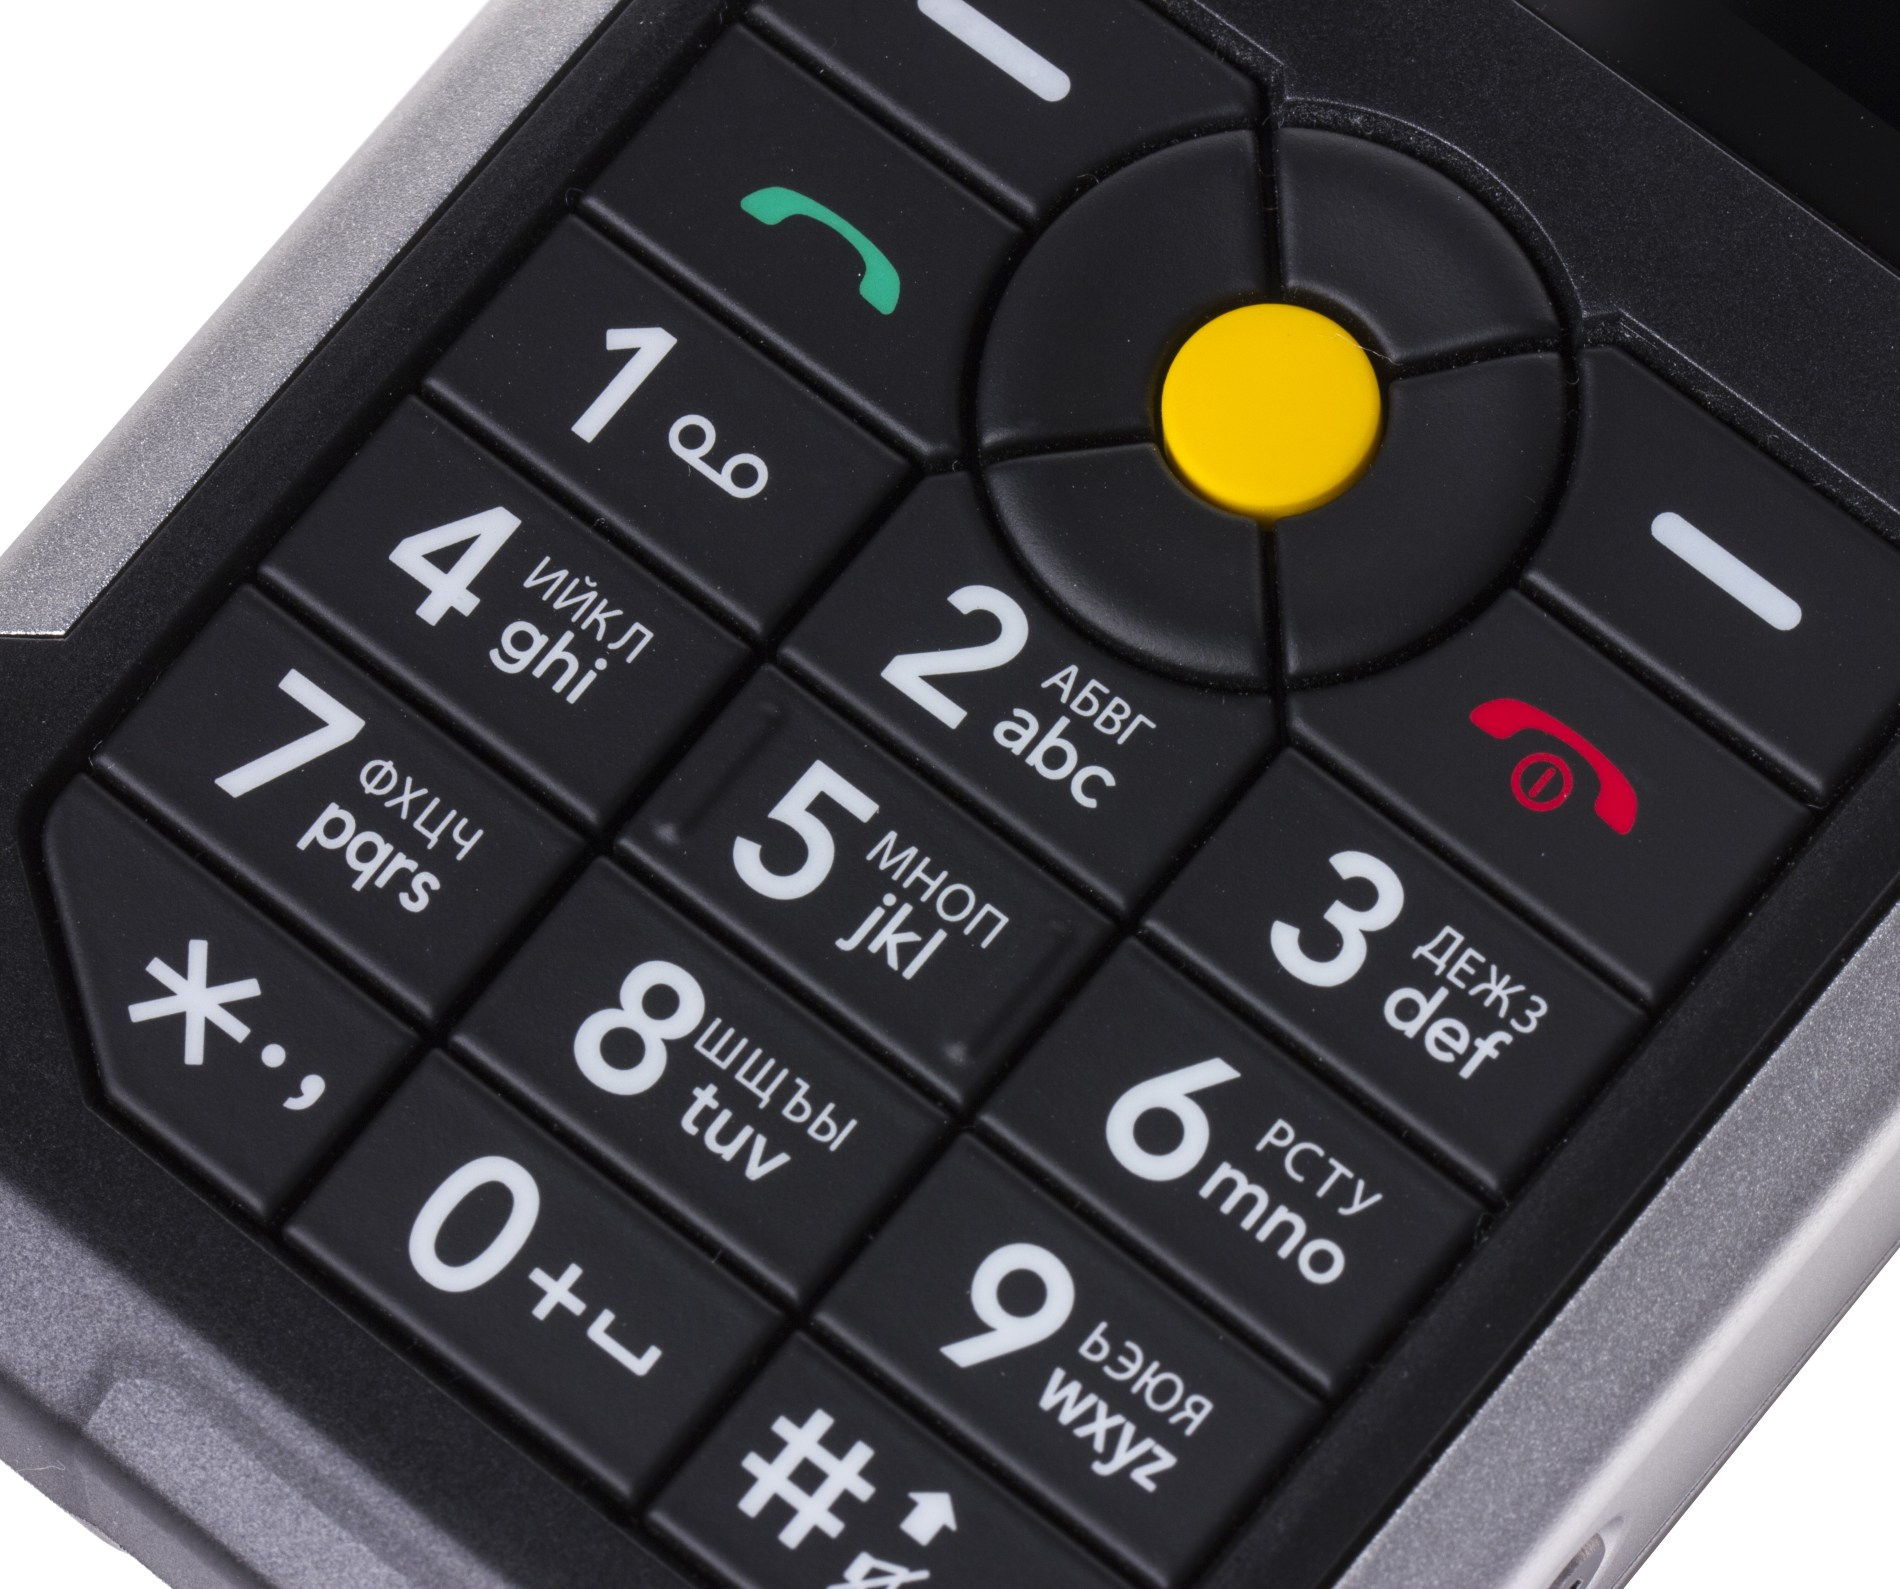 ce61a7de2ec7b Рейтинг мобильных телефонов для пожилых людей на Алиэкспресс ...